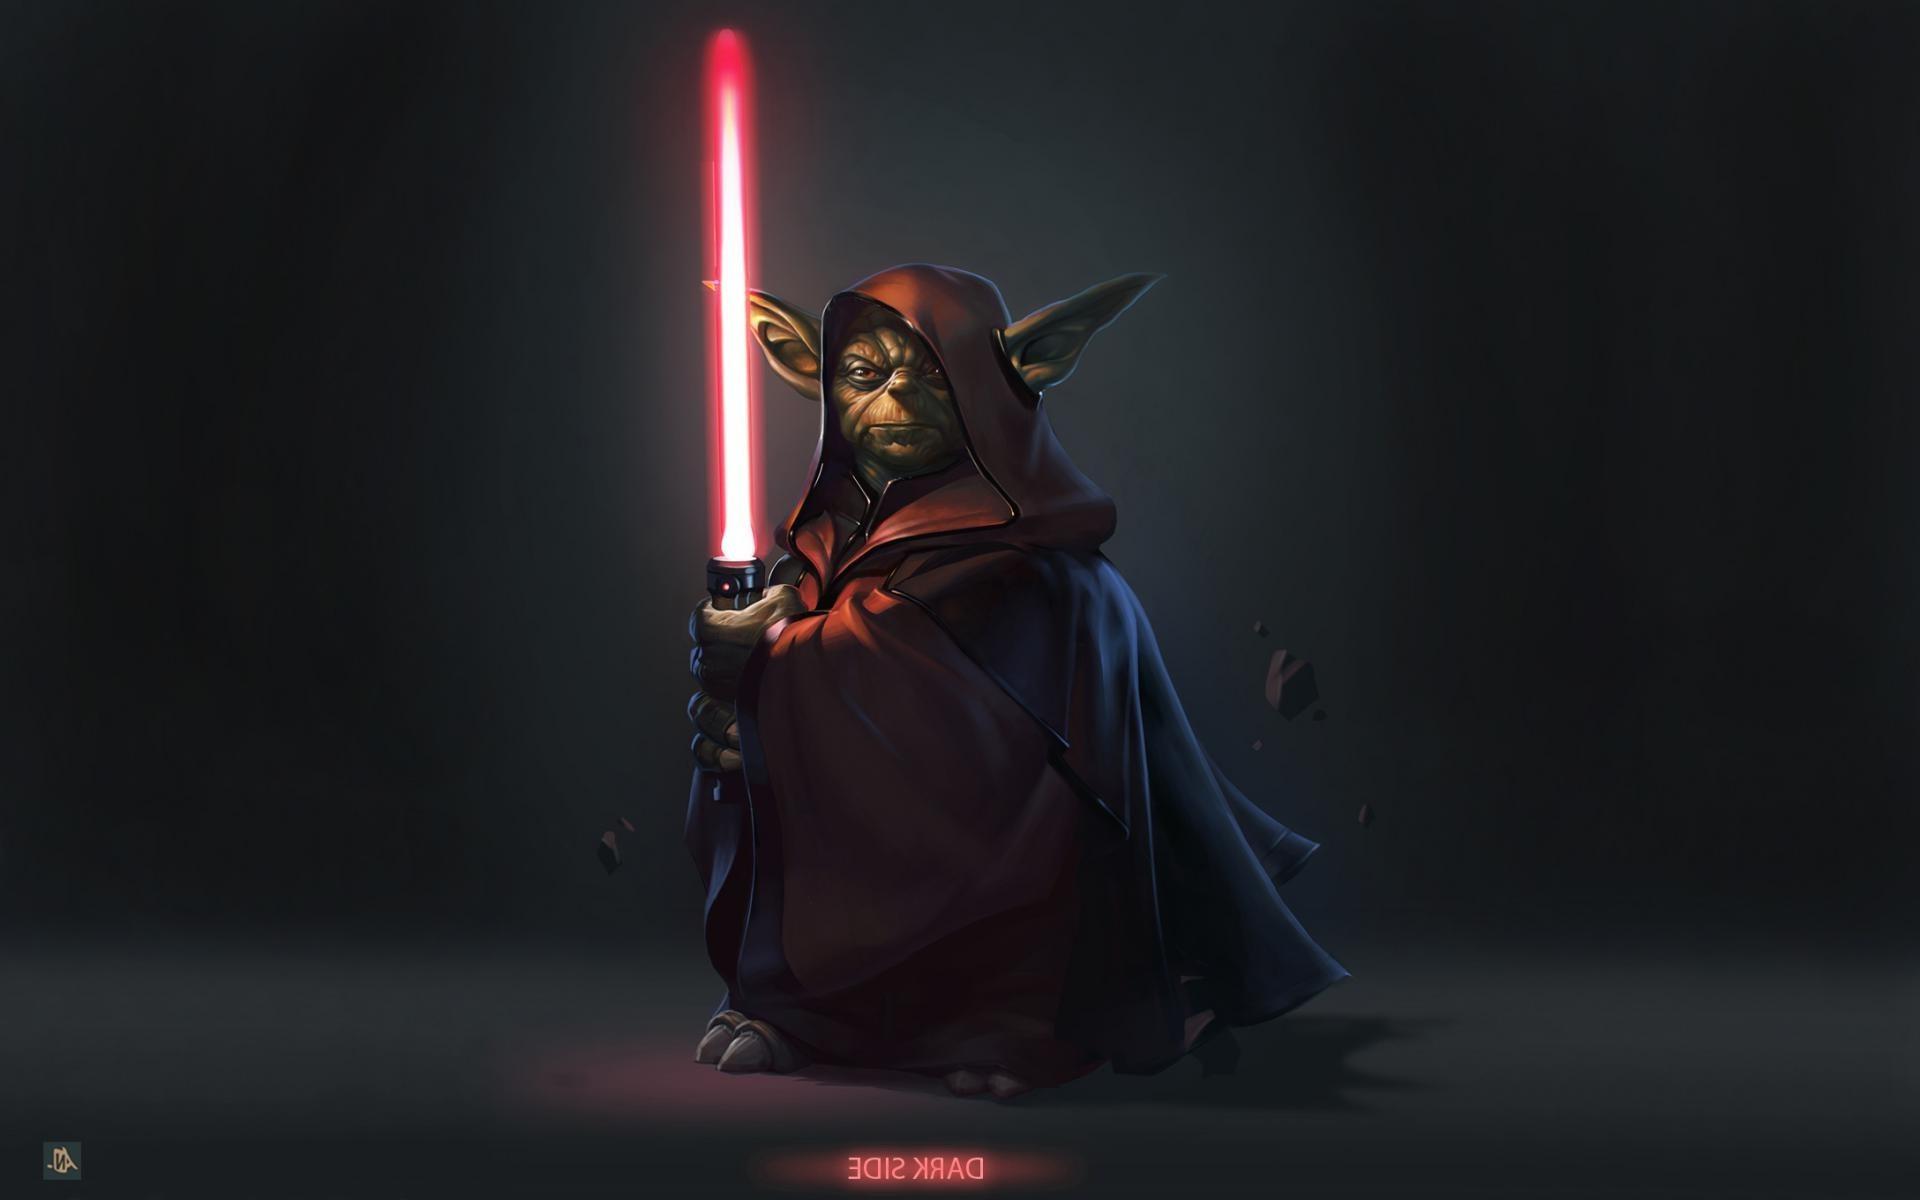 Wallpaper Star Wars Lightsaber Yoda Darkness 1920x1200 Px Computer Wallpaper 1920x1200 Goodfon 786869 Hd Wallpapers Wallhere